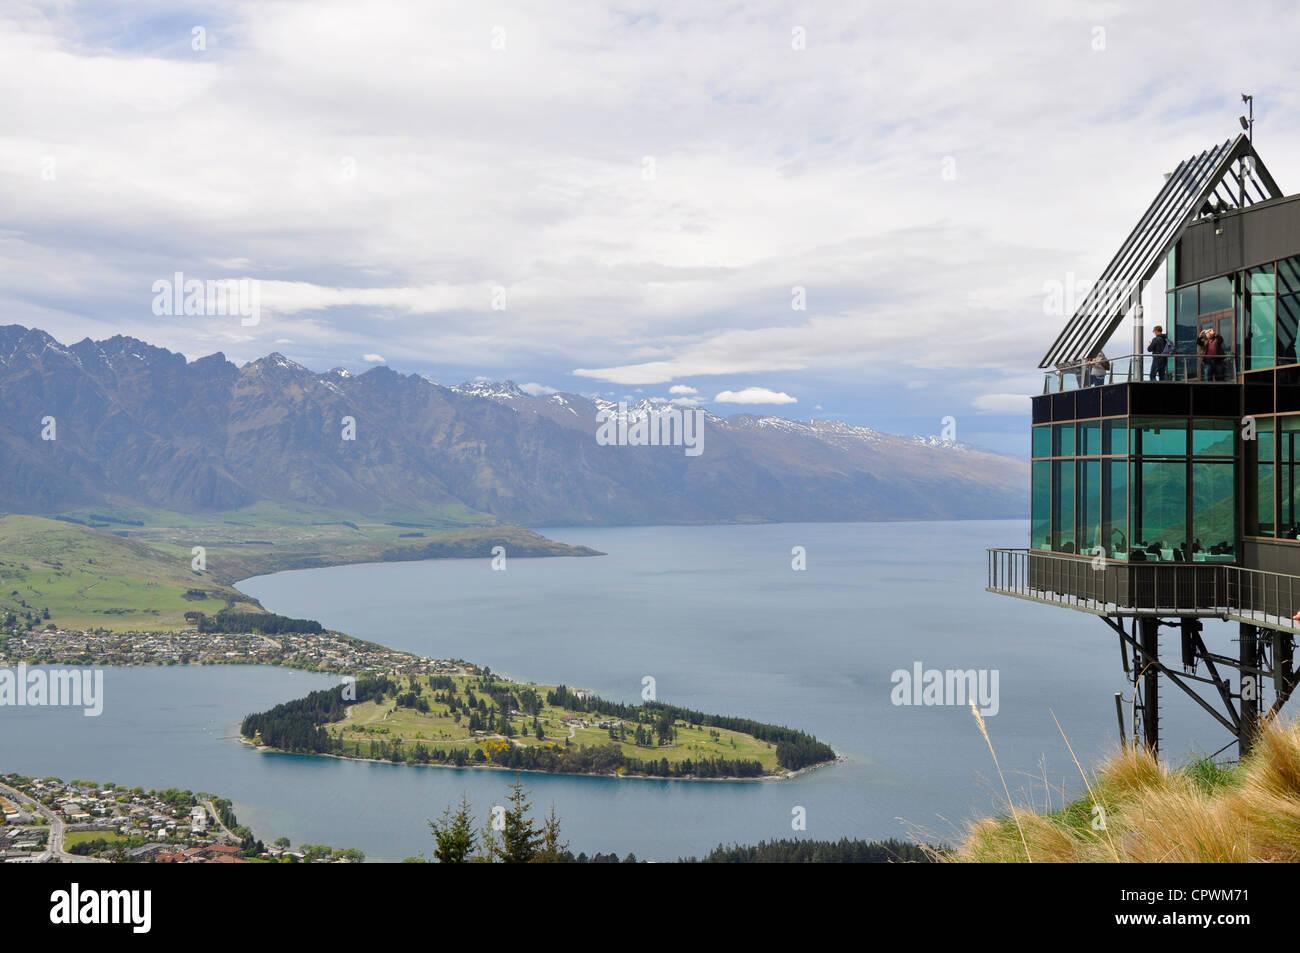 Klettersteig Queenstown : New zealand aerial lake stockfotos & bilder